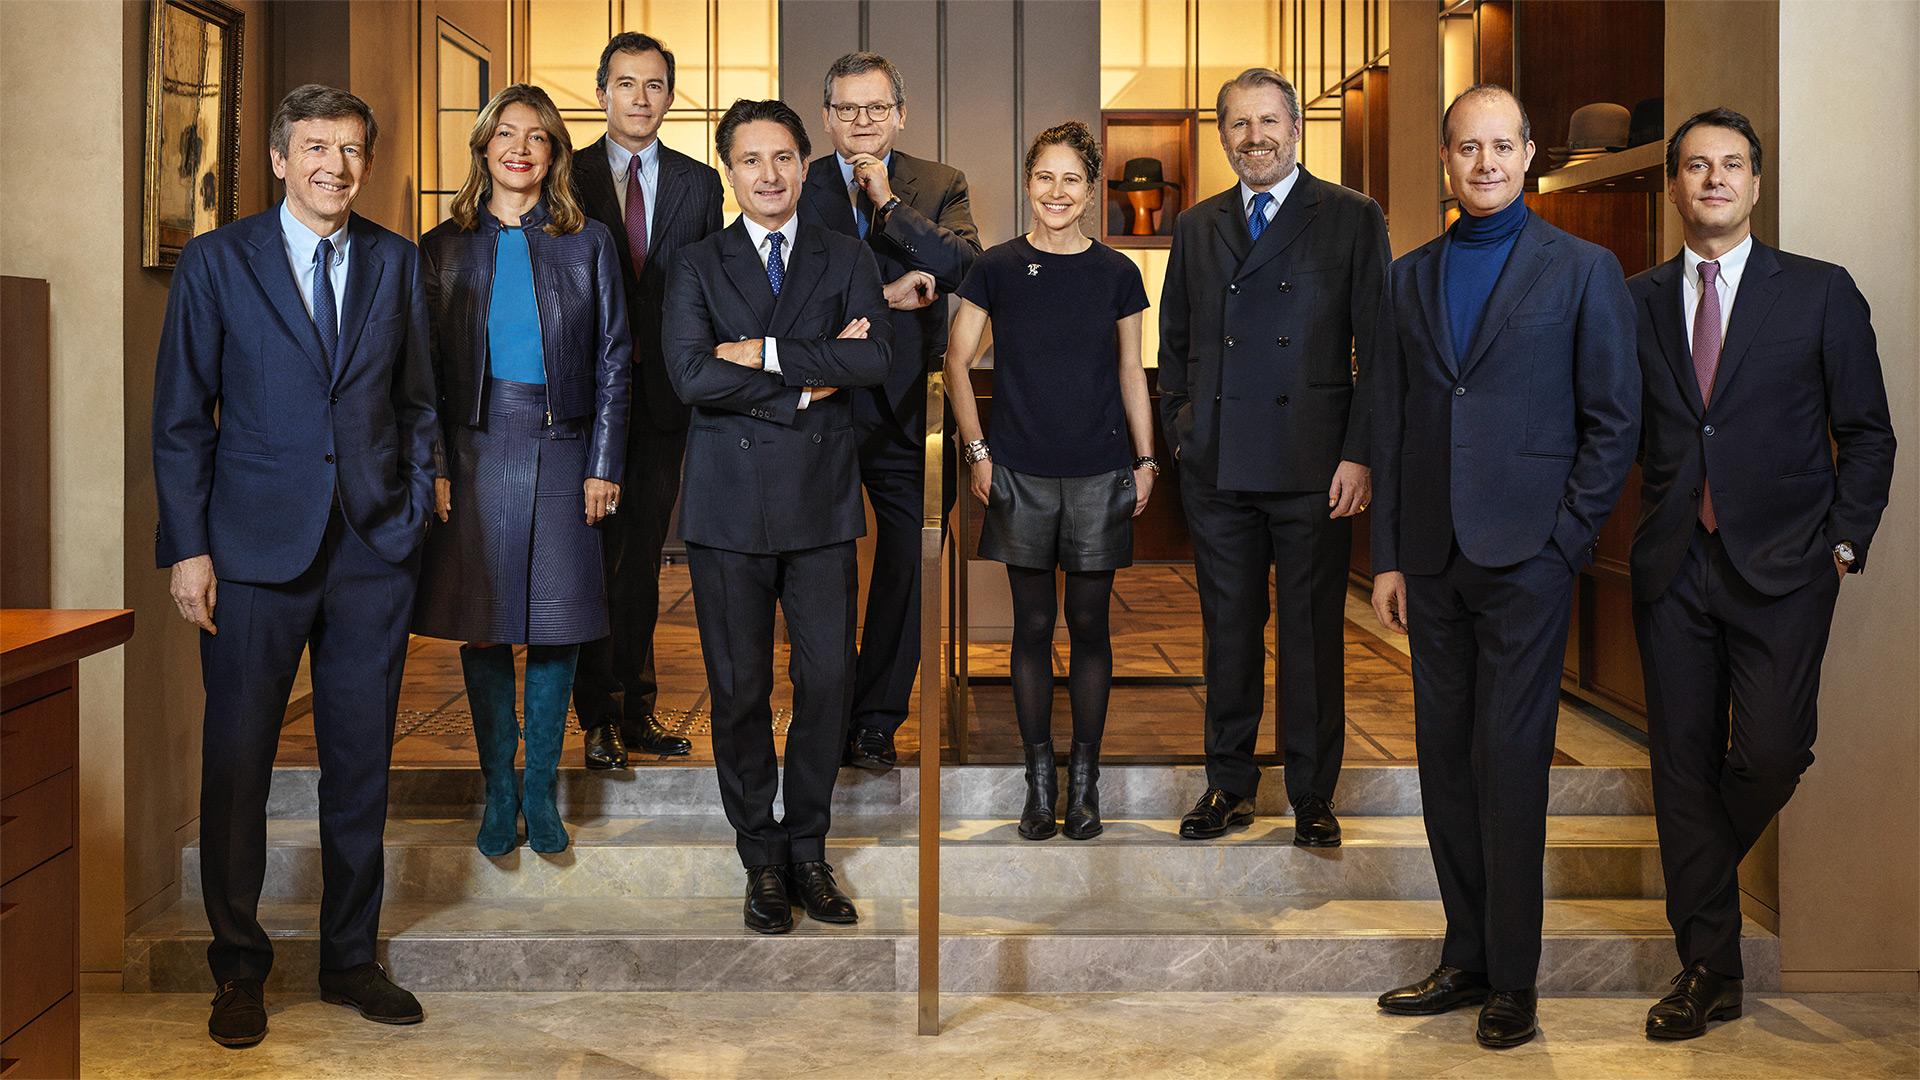 Le comité exécutif du groupe Hermès